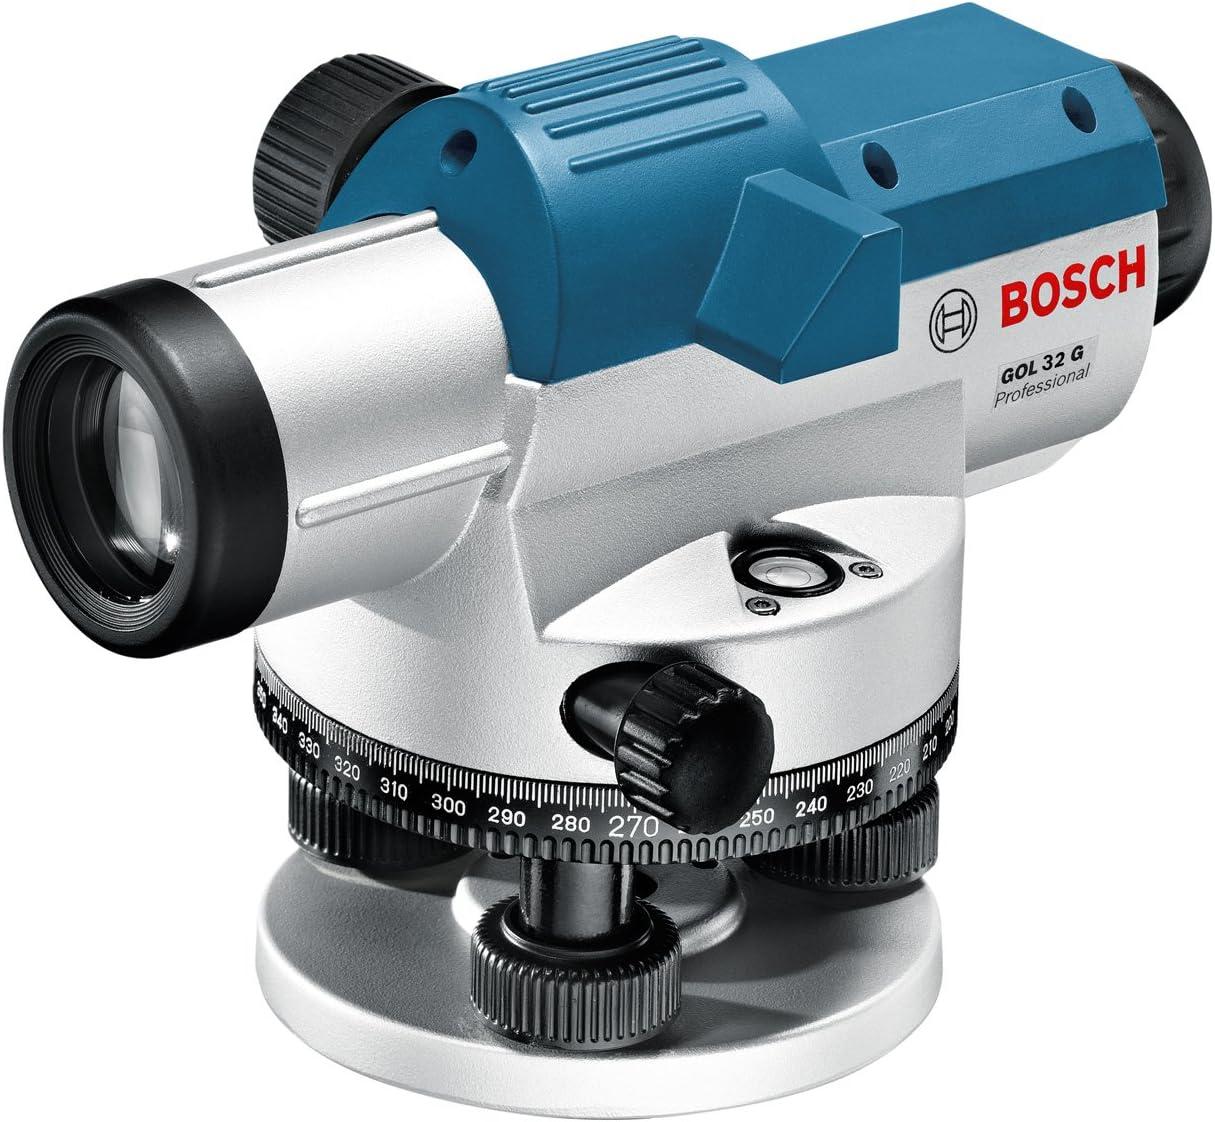 Bosch Professional GOL 32 G - Nivel Óptico